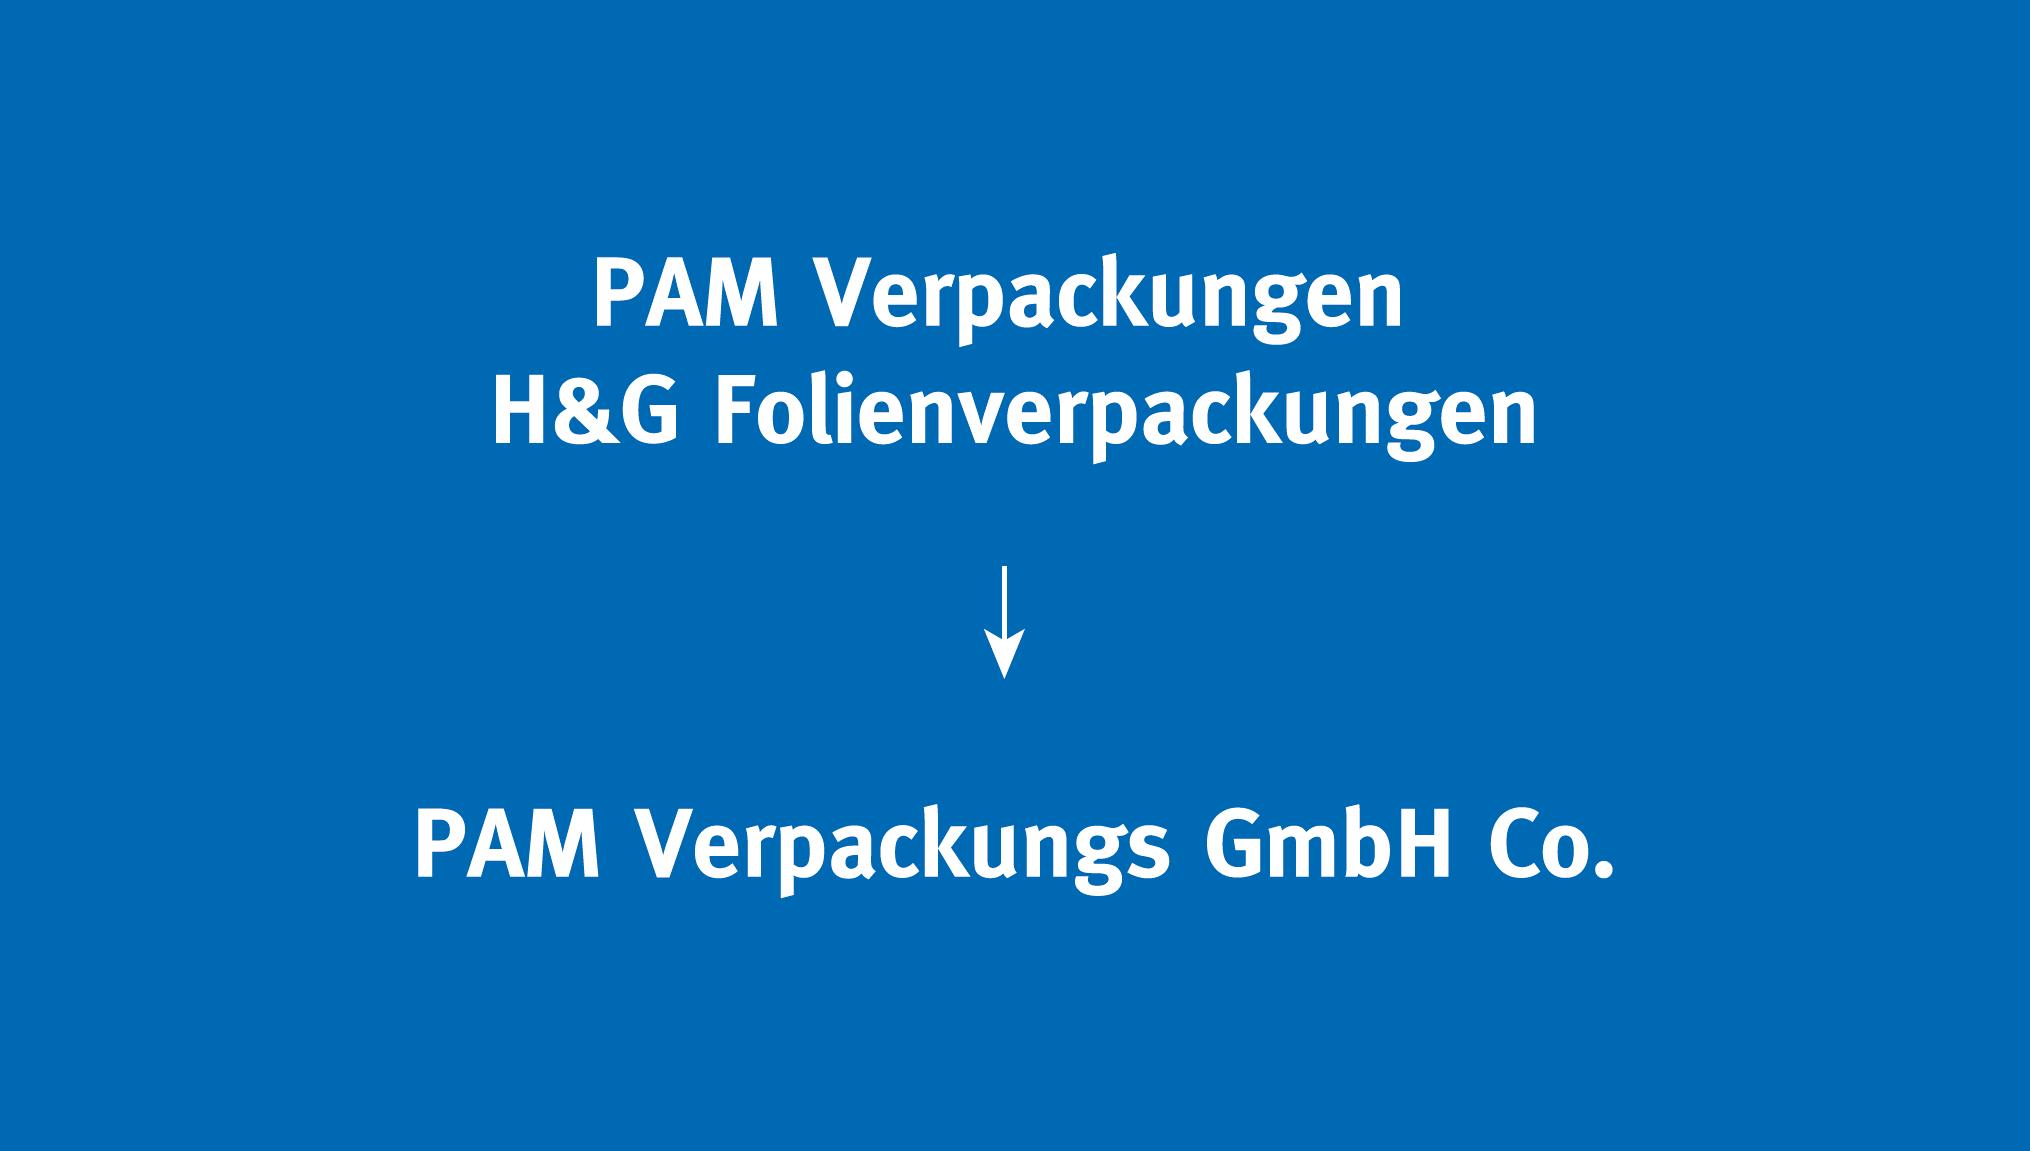 H&G Folienverpackungen